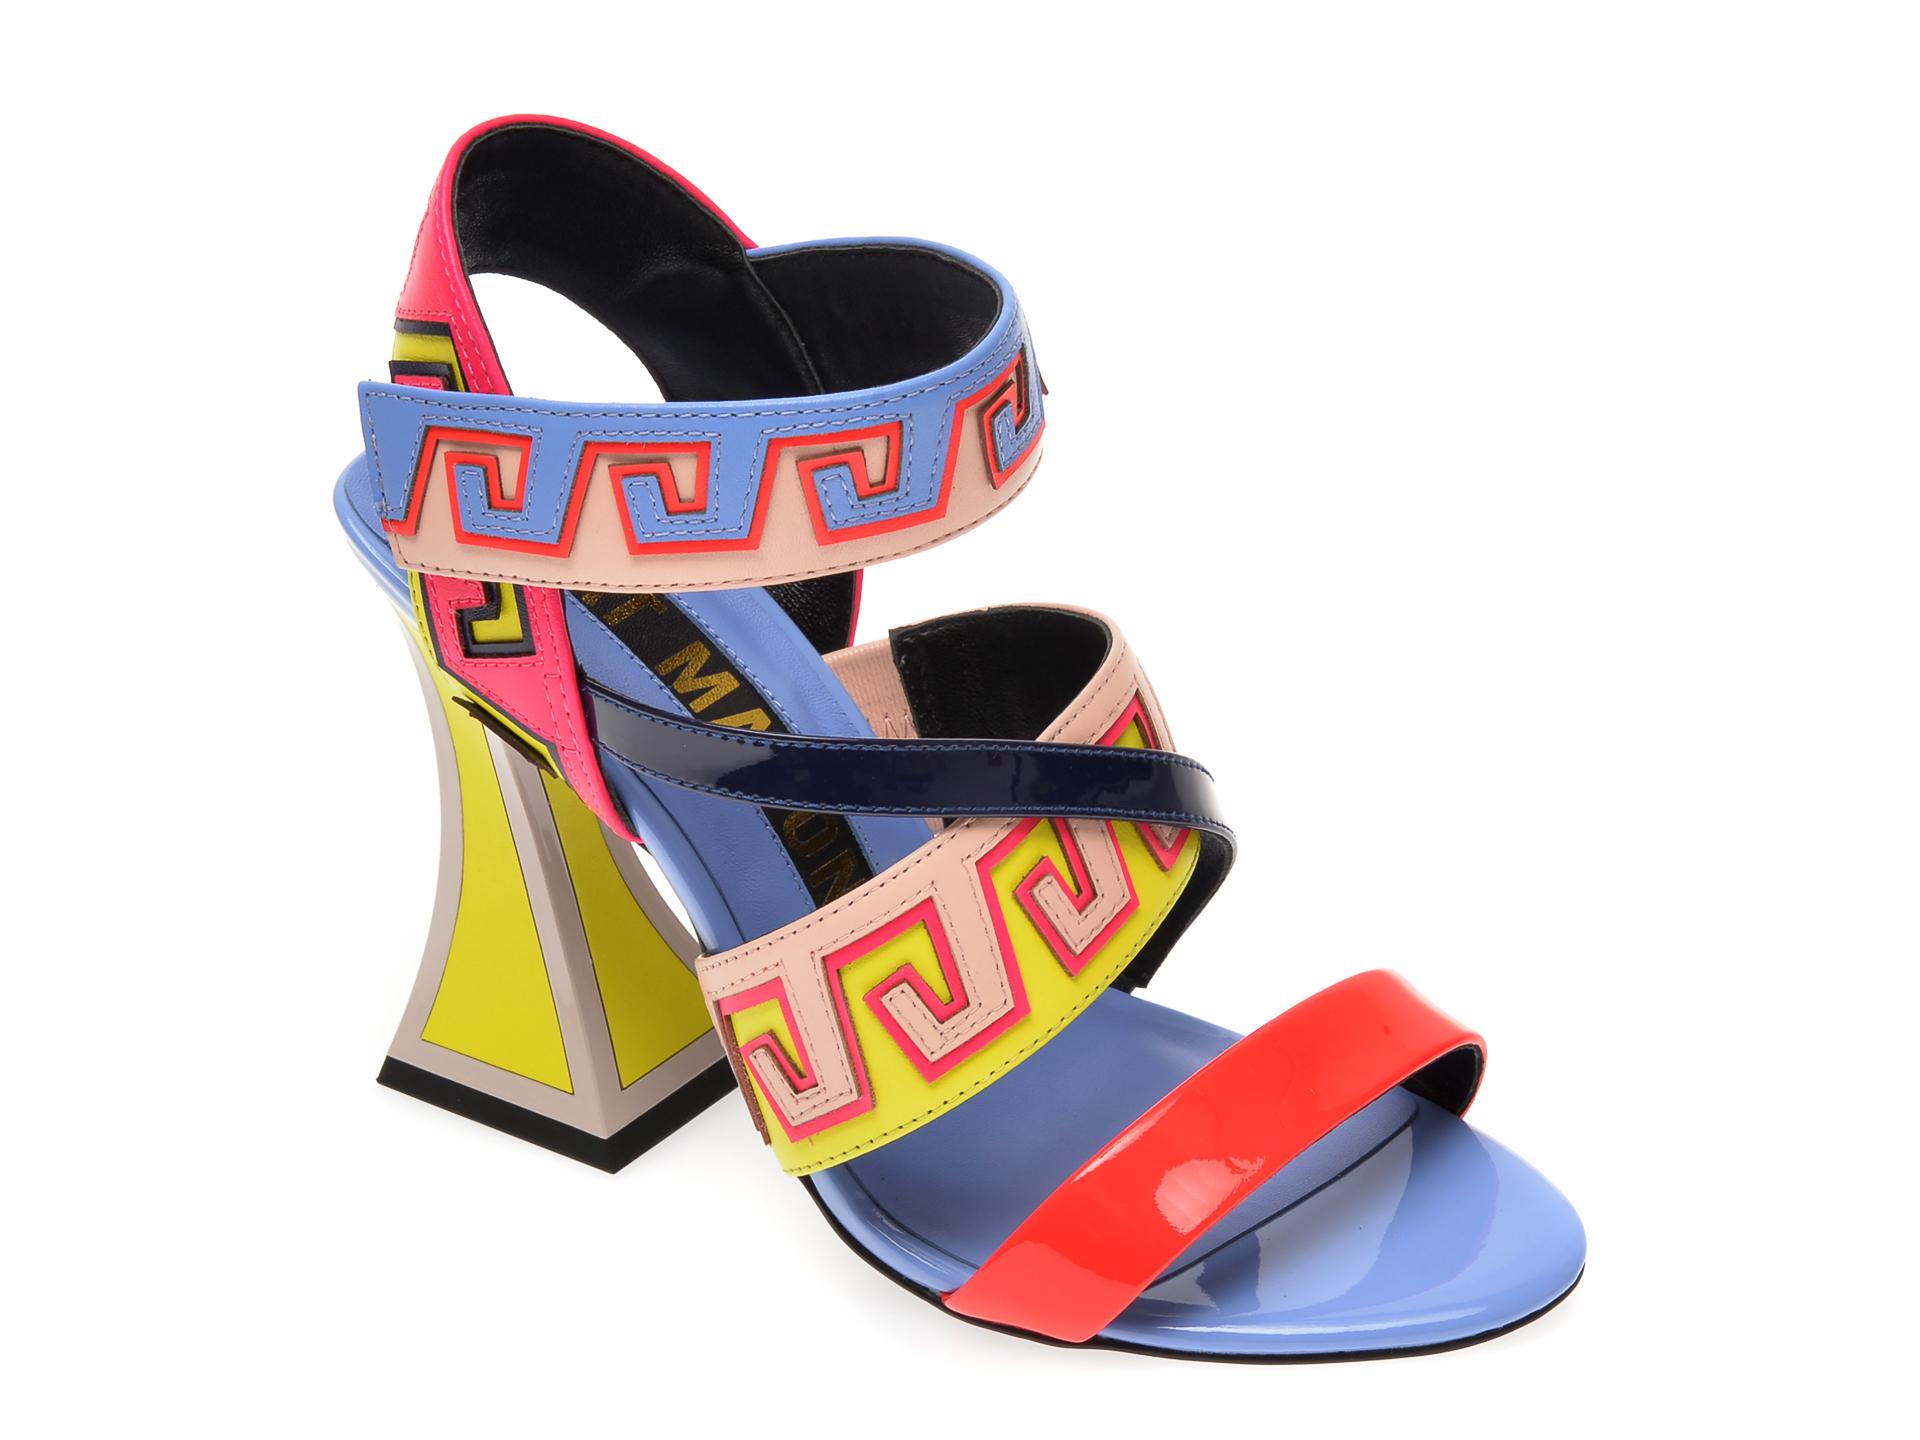 Sandale KAT MACONIE FOR EPICA multicolor, ESME, din piele naturala